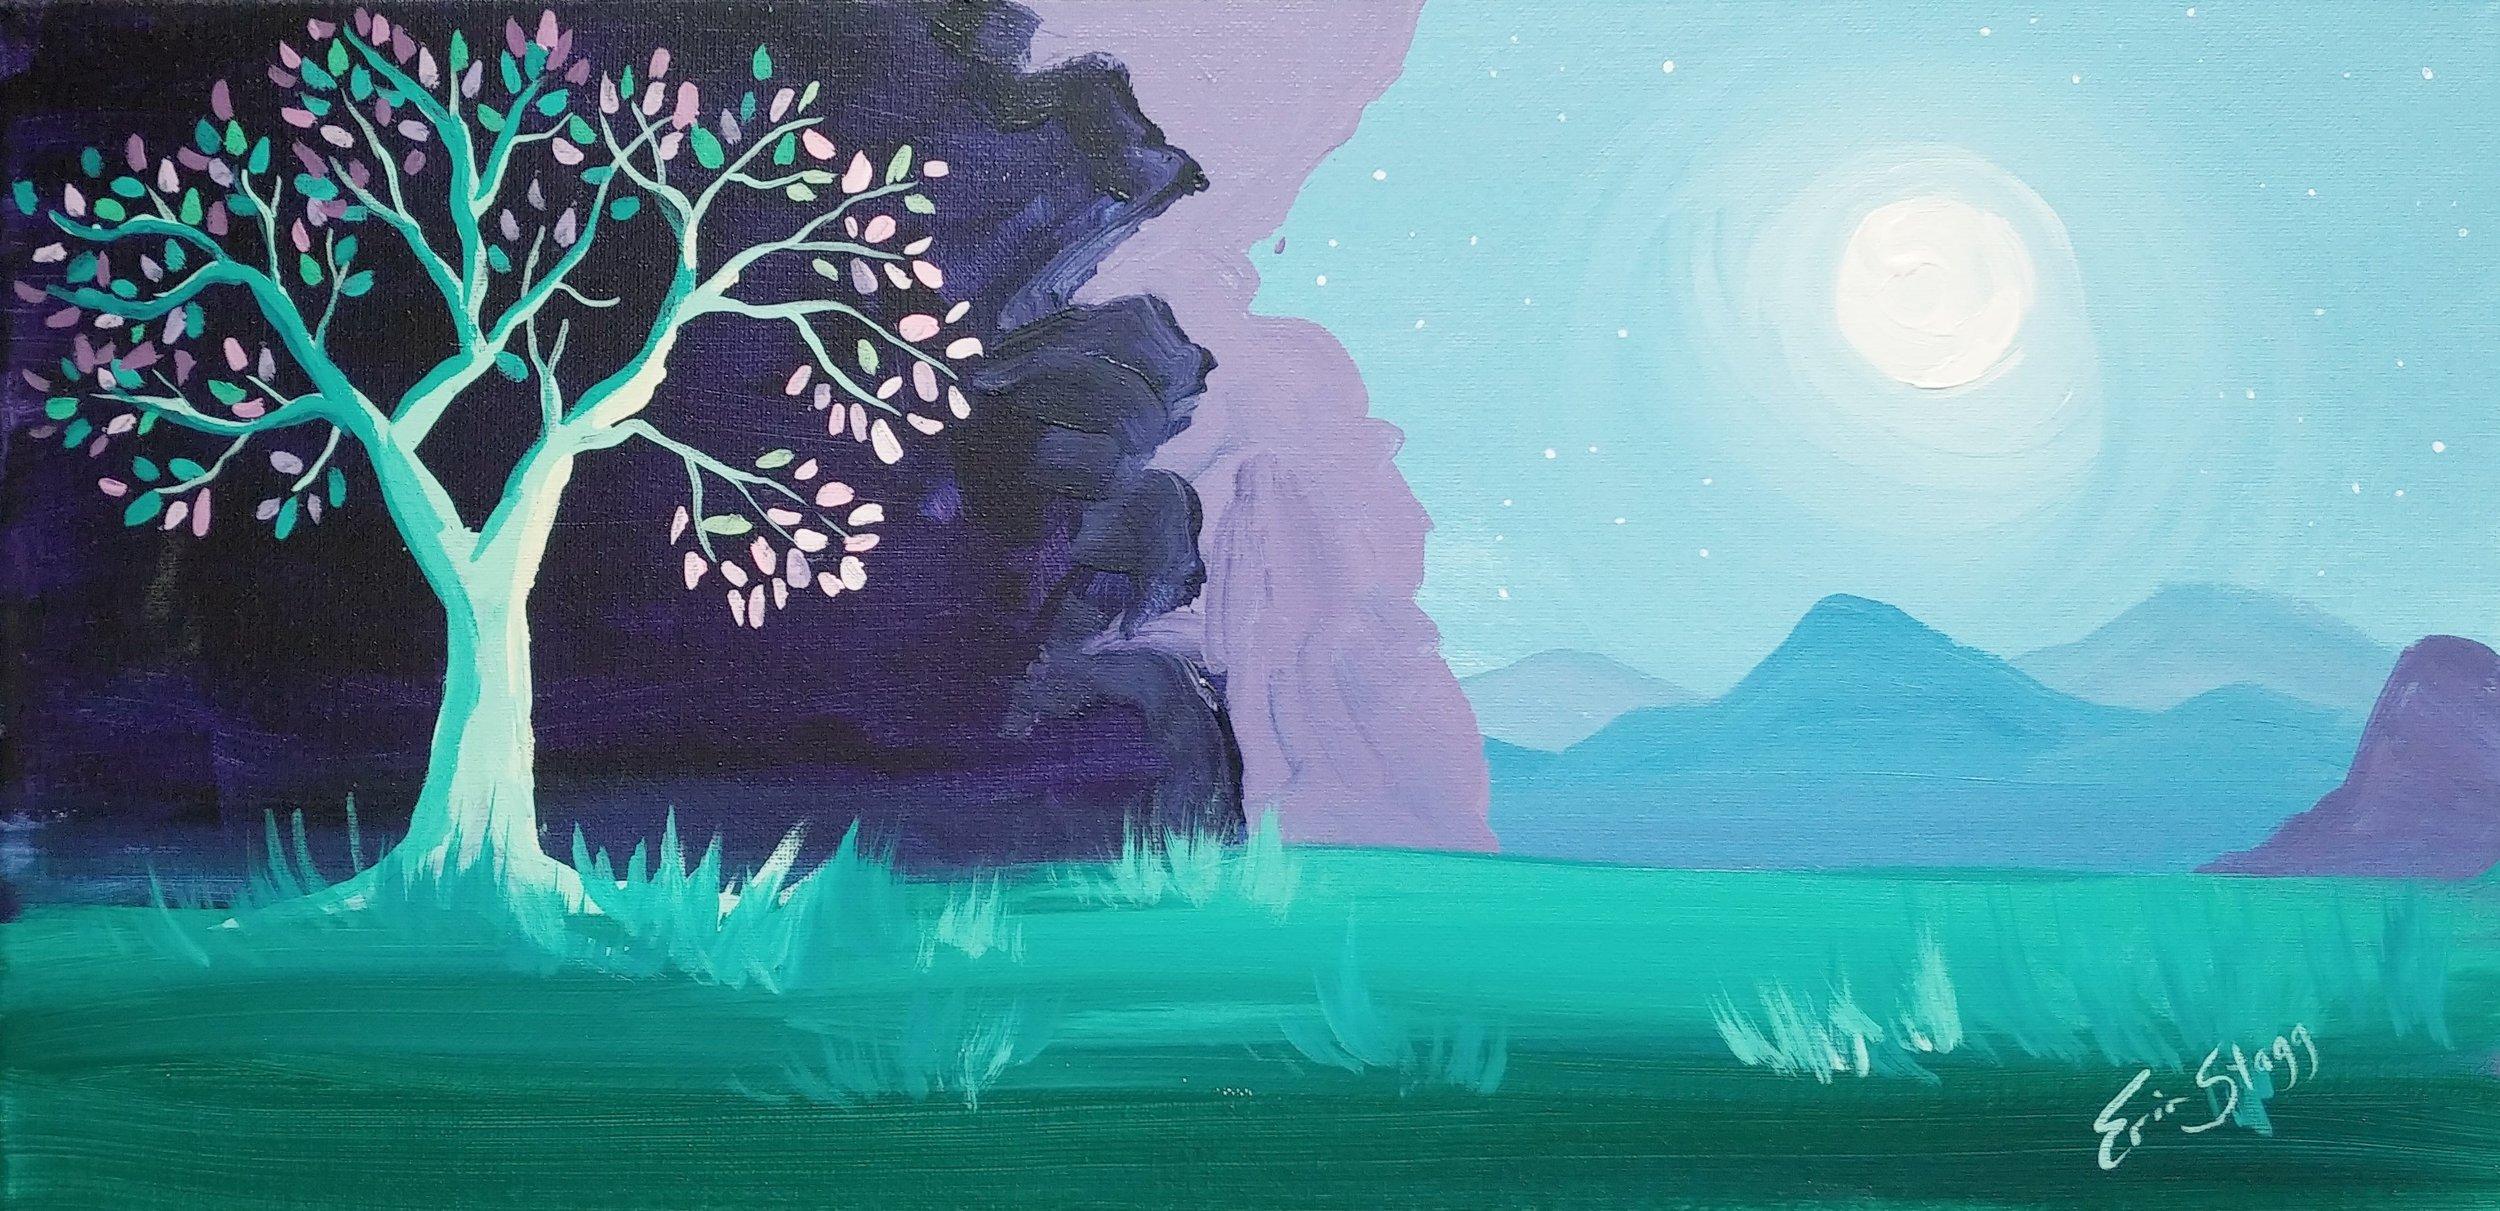 Moonlit Tree - unique shape!